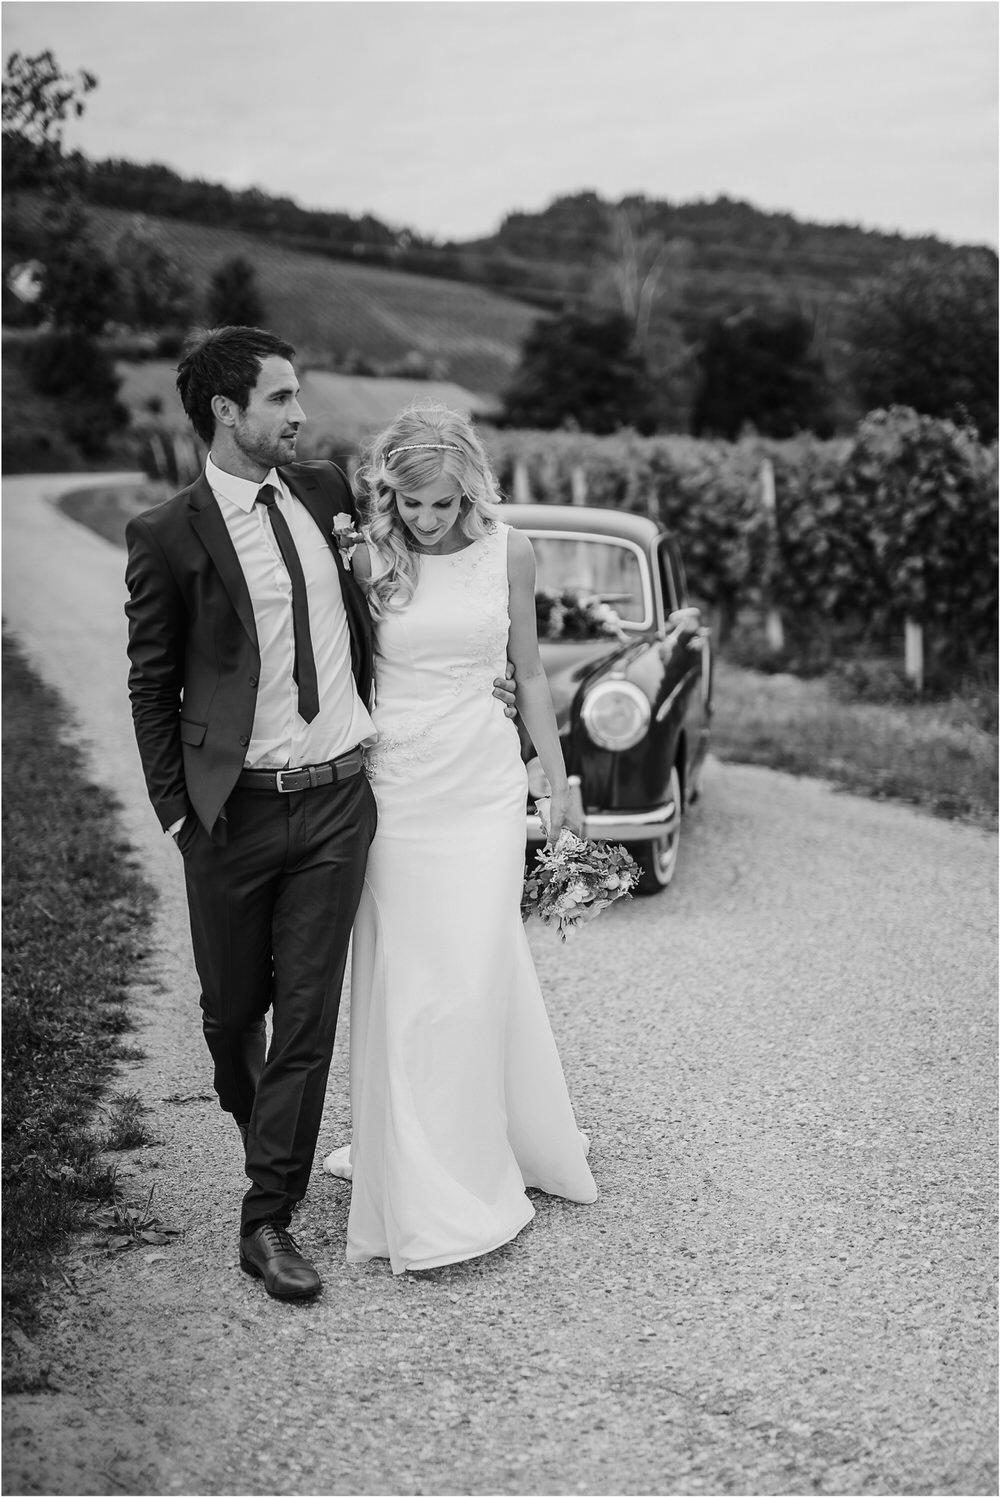 tri lucke slovenija krsko posavje poroka porocni fotograf fotografiranje elegantna poroka vinograd classy elegant wedding slovenia 0049.jpg